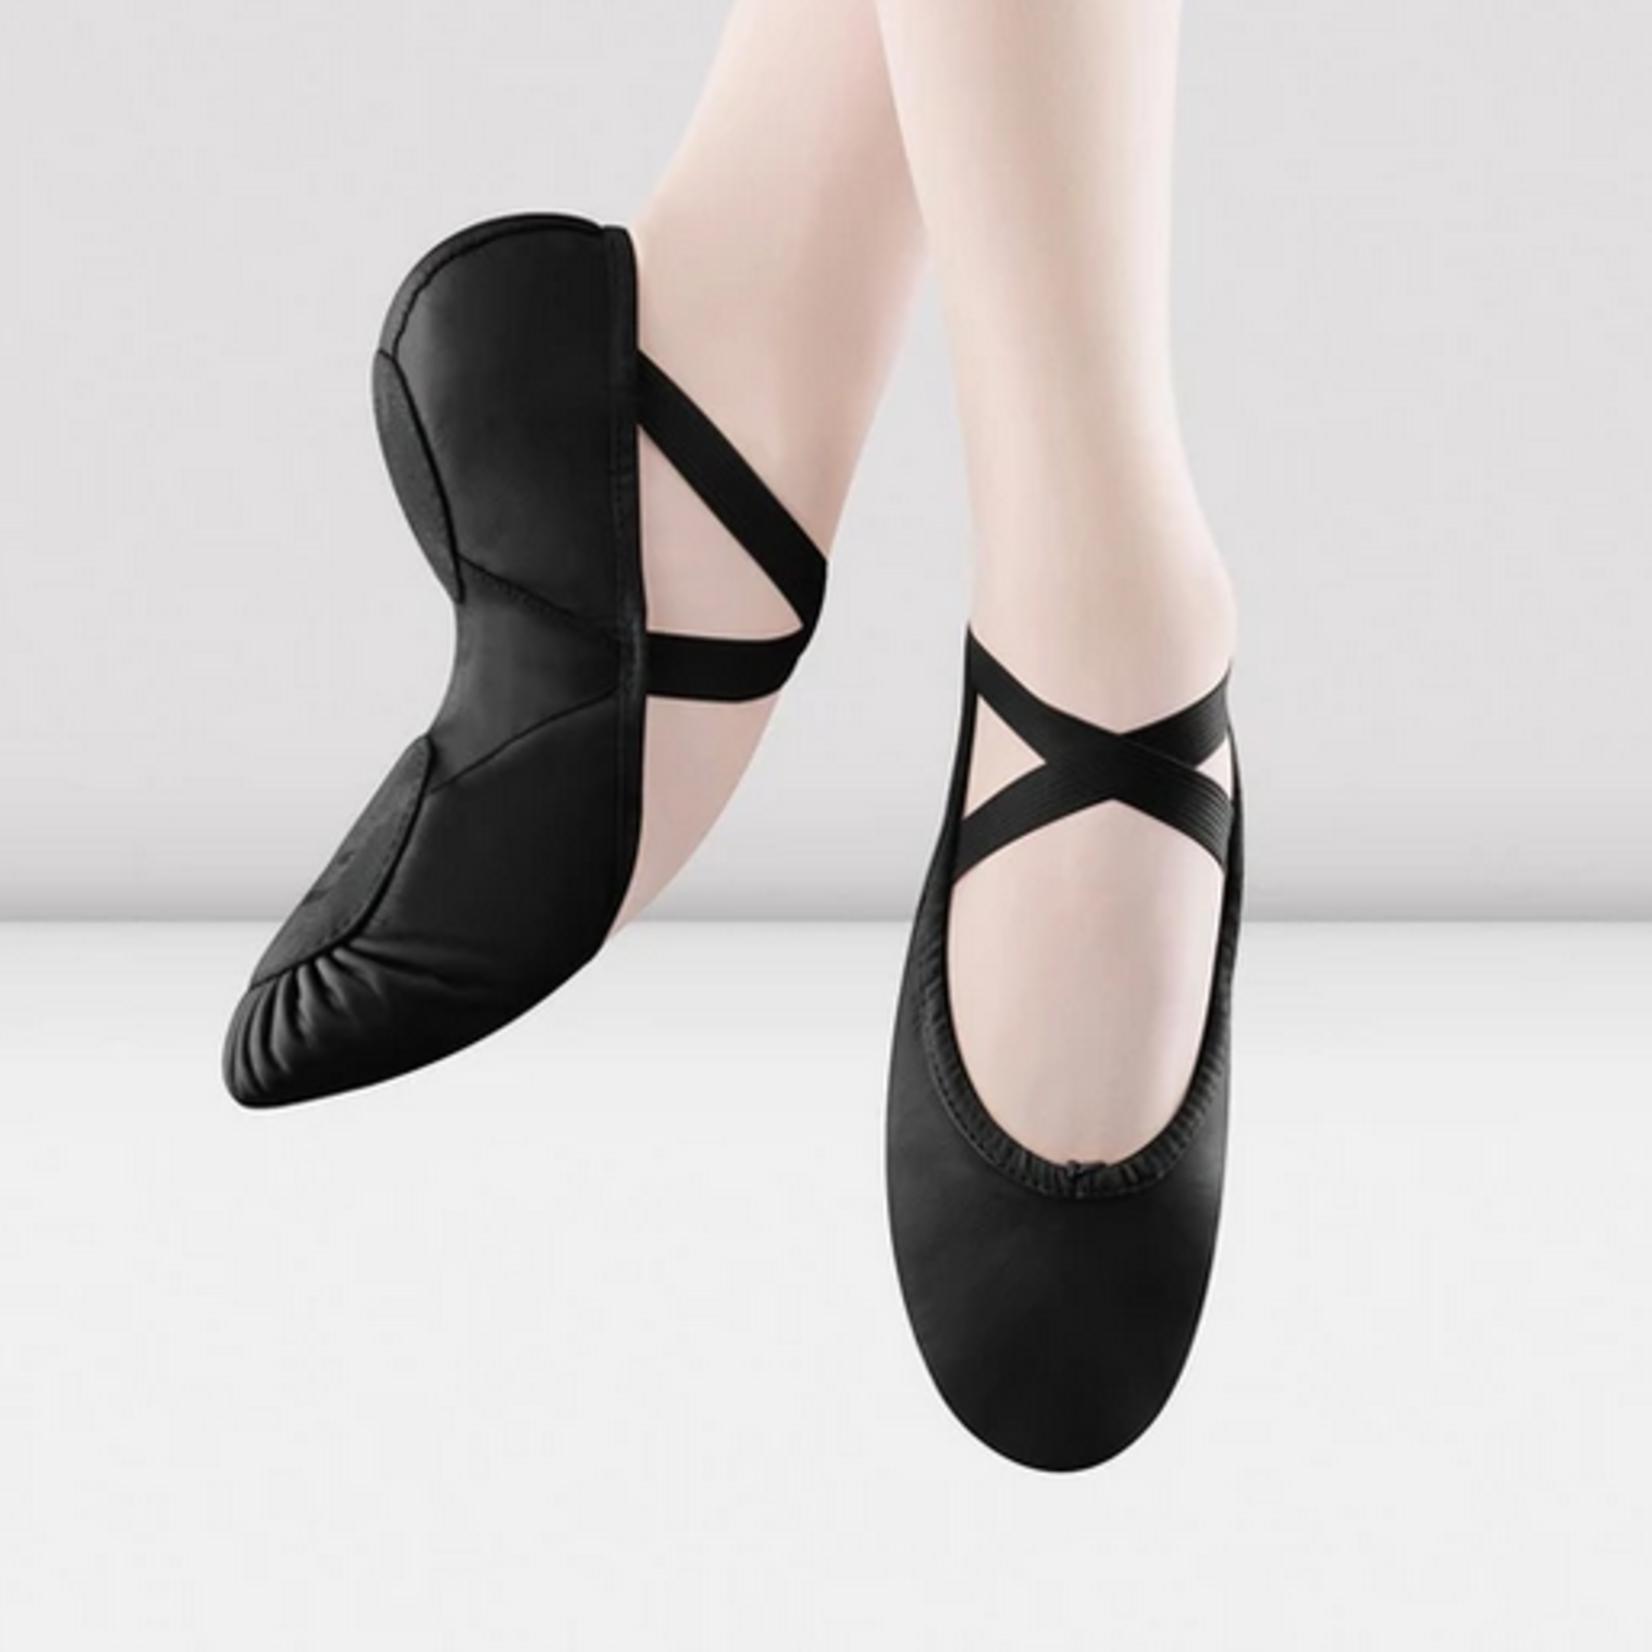 Bloch Bloch S0203L Prolite II Leather Ballet Shoe